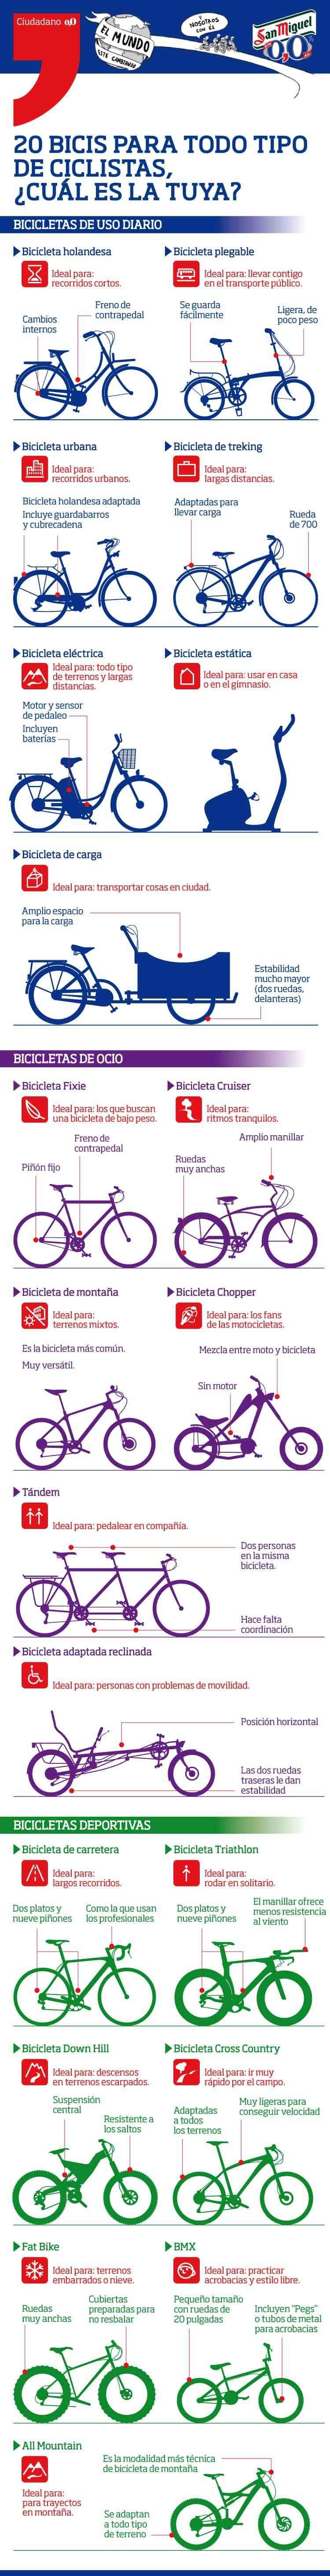 20 bicis para todo tipo de ciclistas